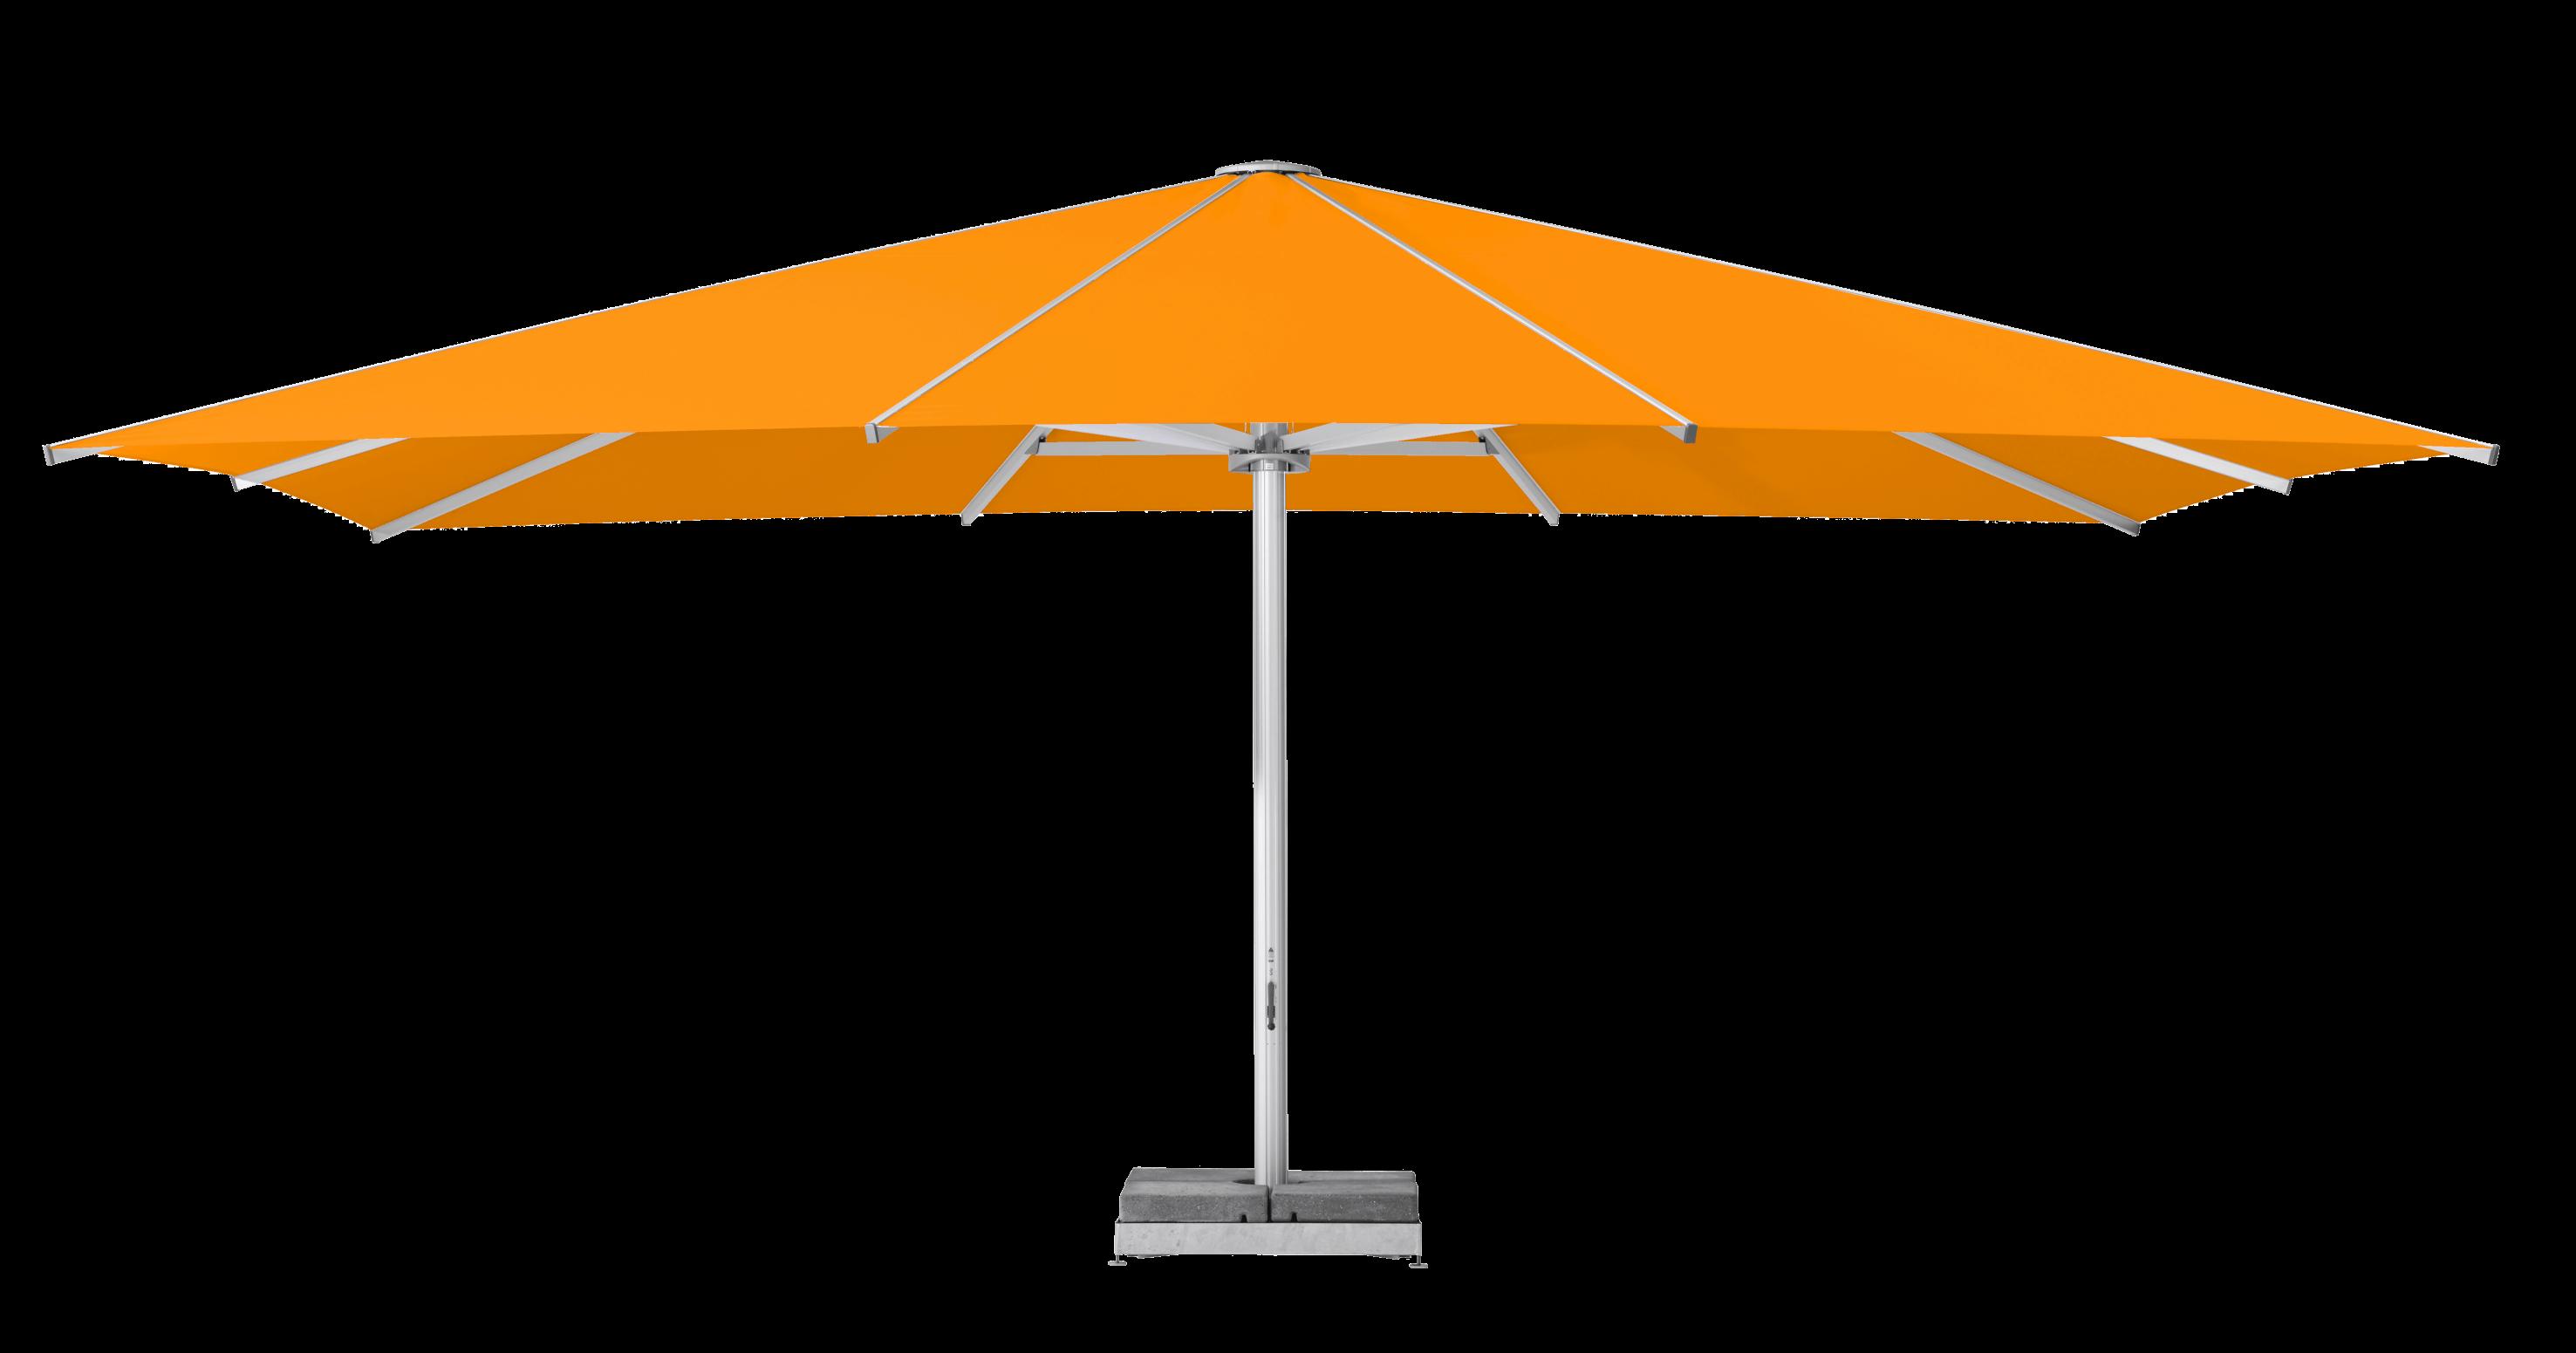 Sonnenschirm von Typ Palazzo Royal